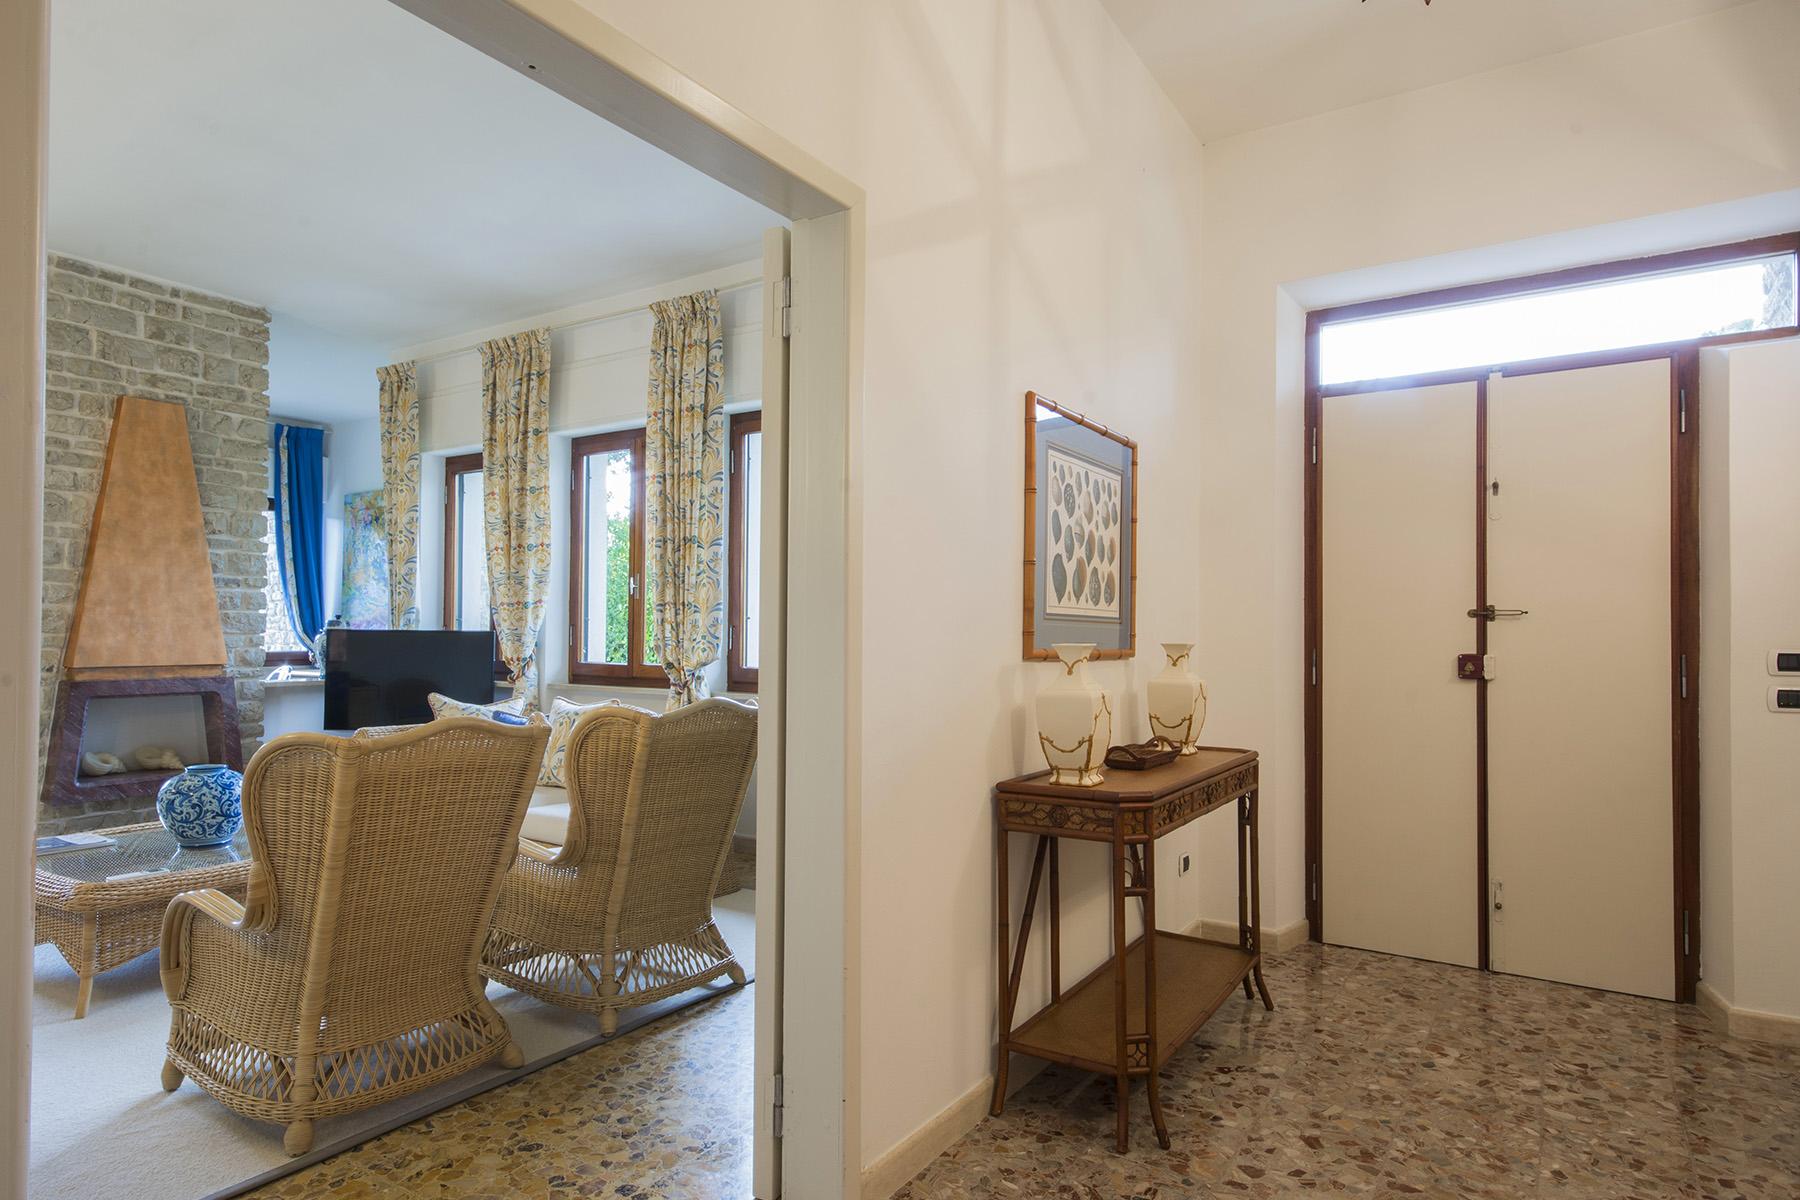 Villa in Vendita a Forte Dei Marmi: 5 locali, 229 mq - Foto 3